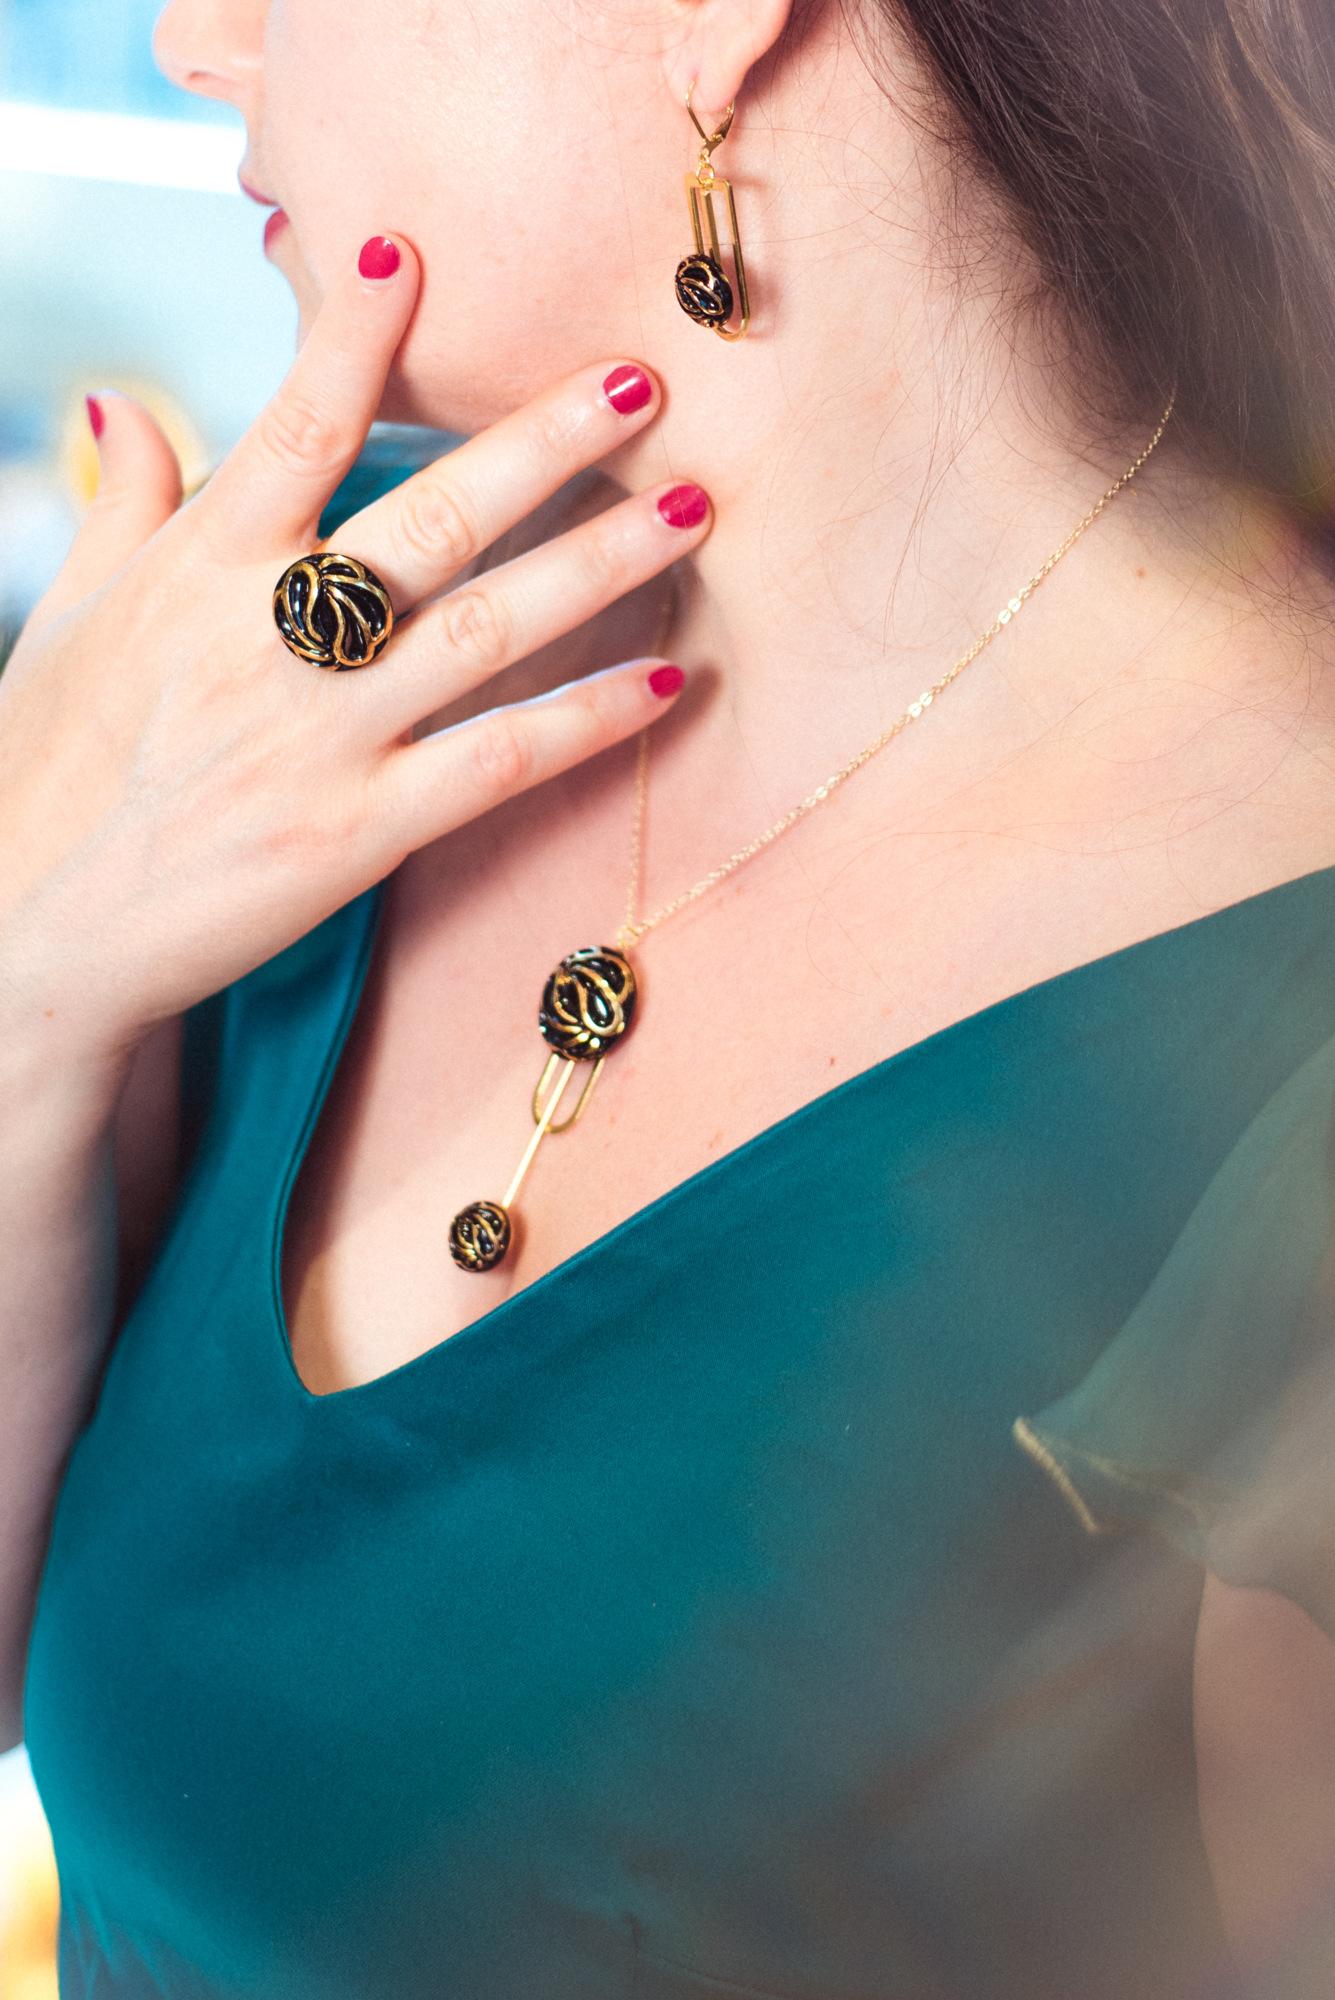 Assuna – Boucles Ysée Andrée – bijoux léger géométrique bouton ancien inspiration vintage – look